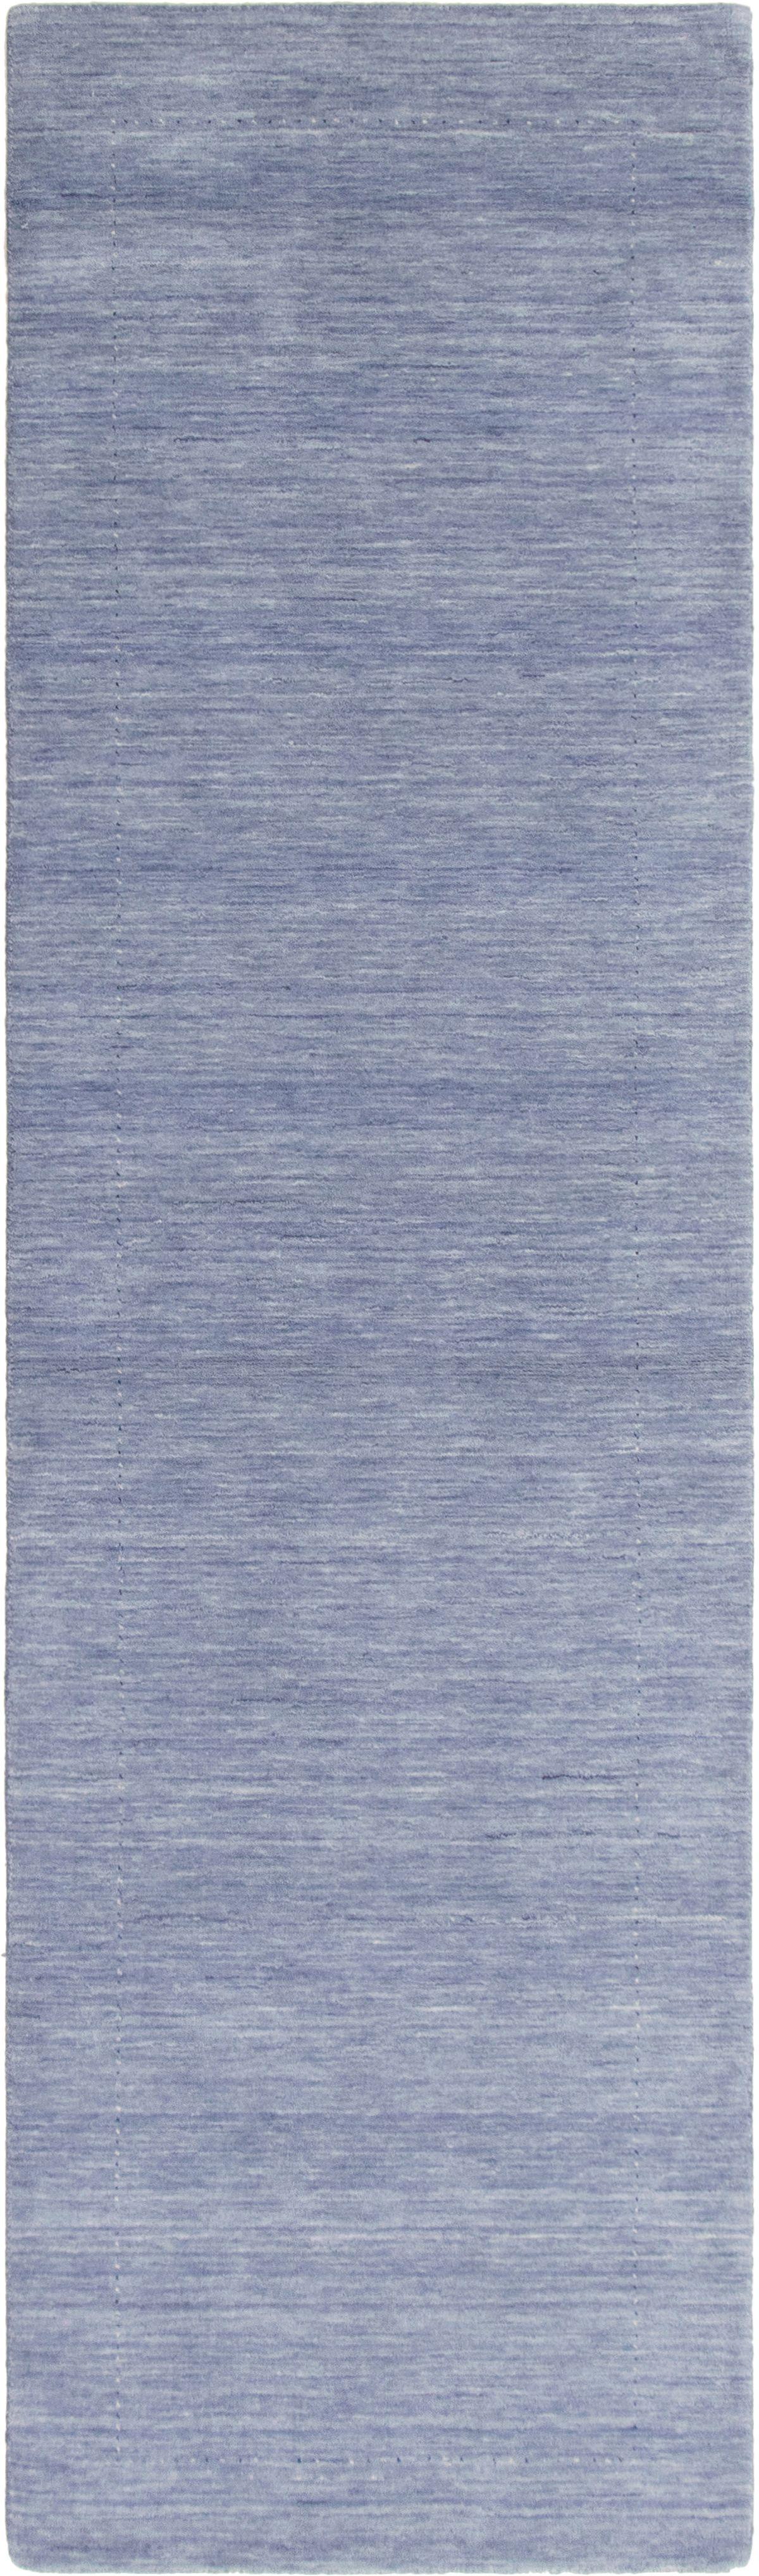 """Hand-knotted Kashkuli Gabbeh Slate Blue Wool Rug 2'9"""" x 10'1"""" Size: 2'9"""" x 10'1"""""""